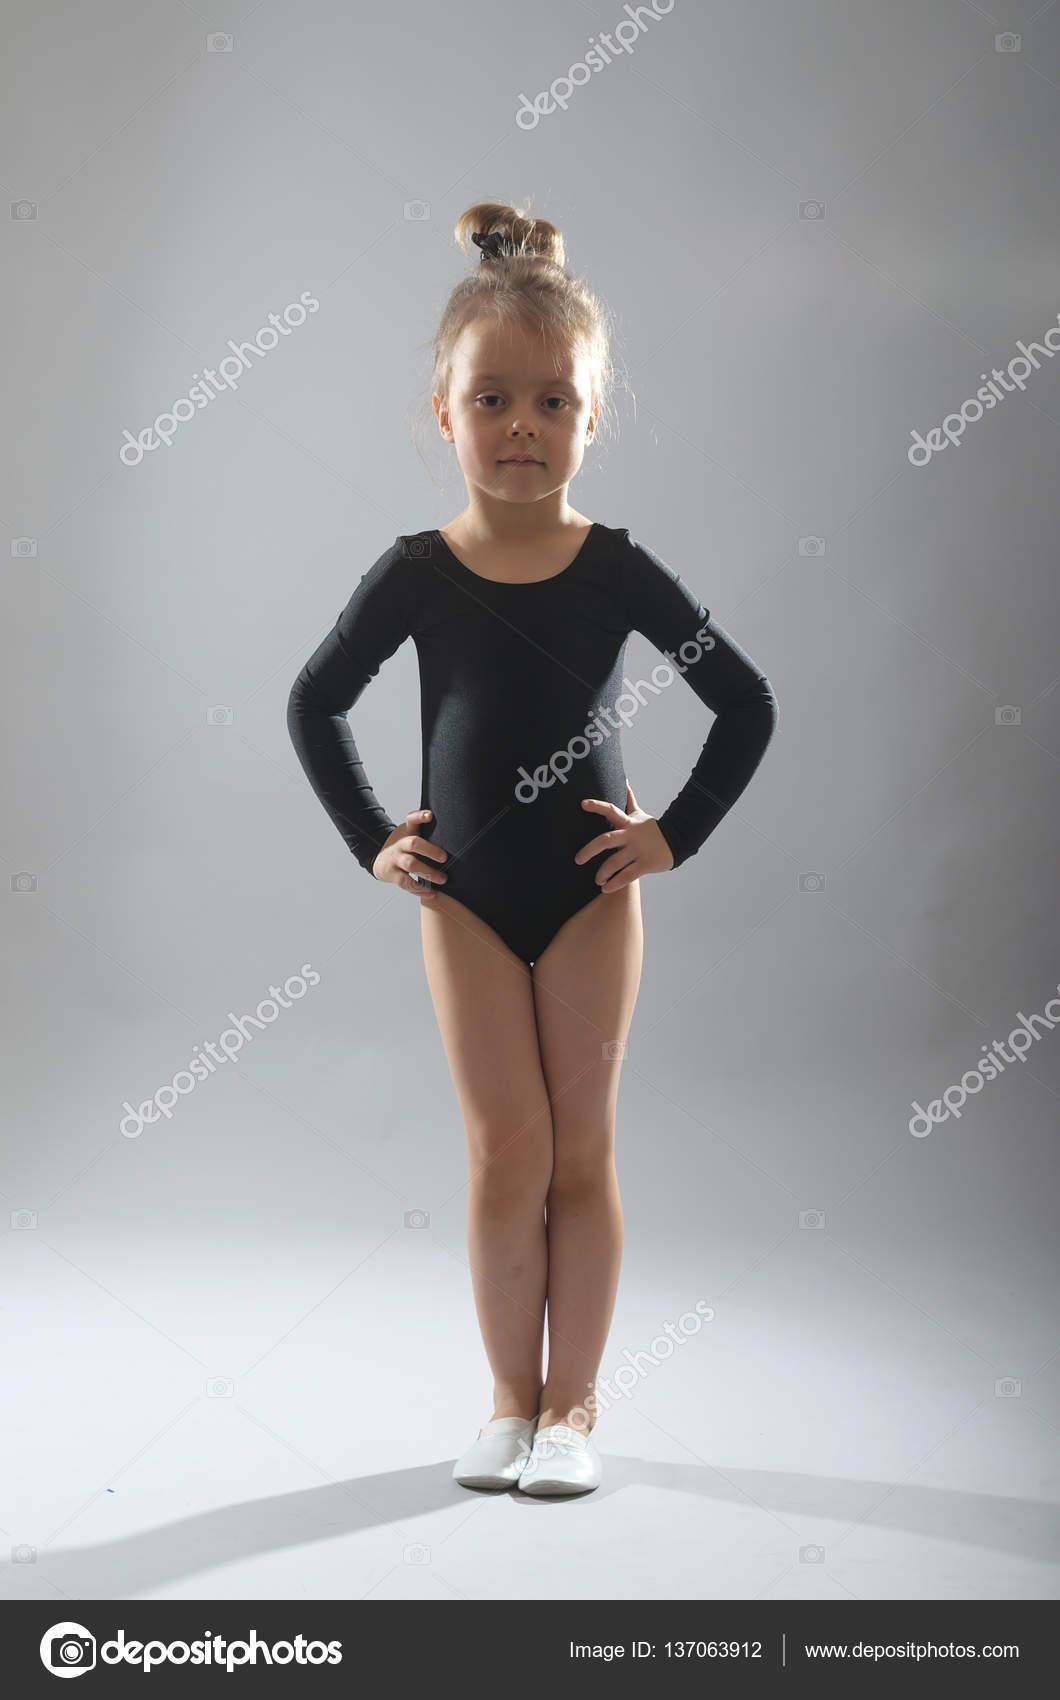 87d40ccca31a8 Kleines Mädchen in schwarzen Strumpfhosen tanzen auf einem grauen ...